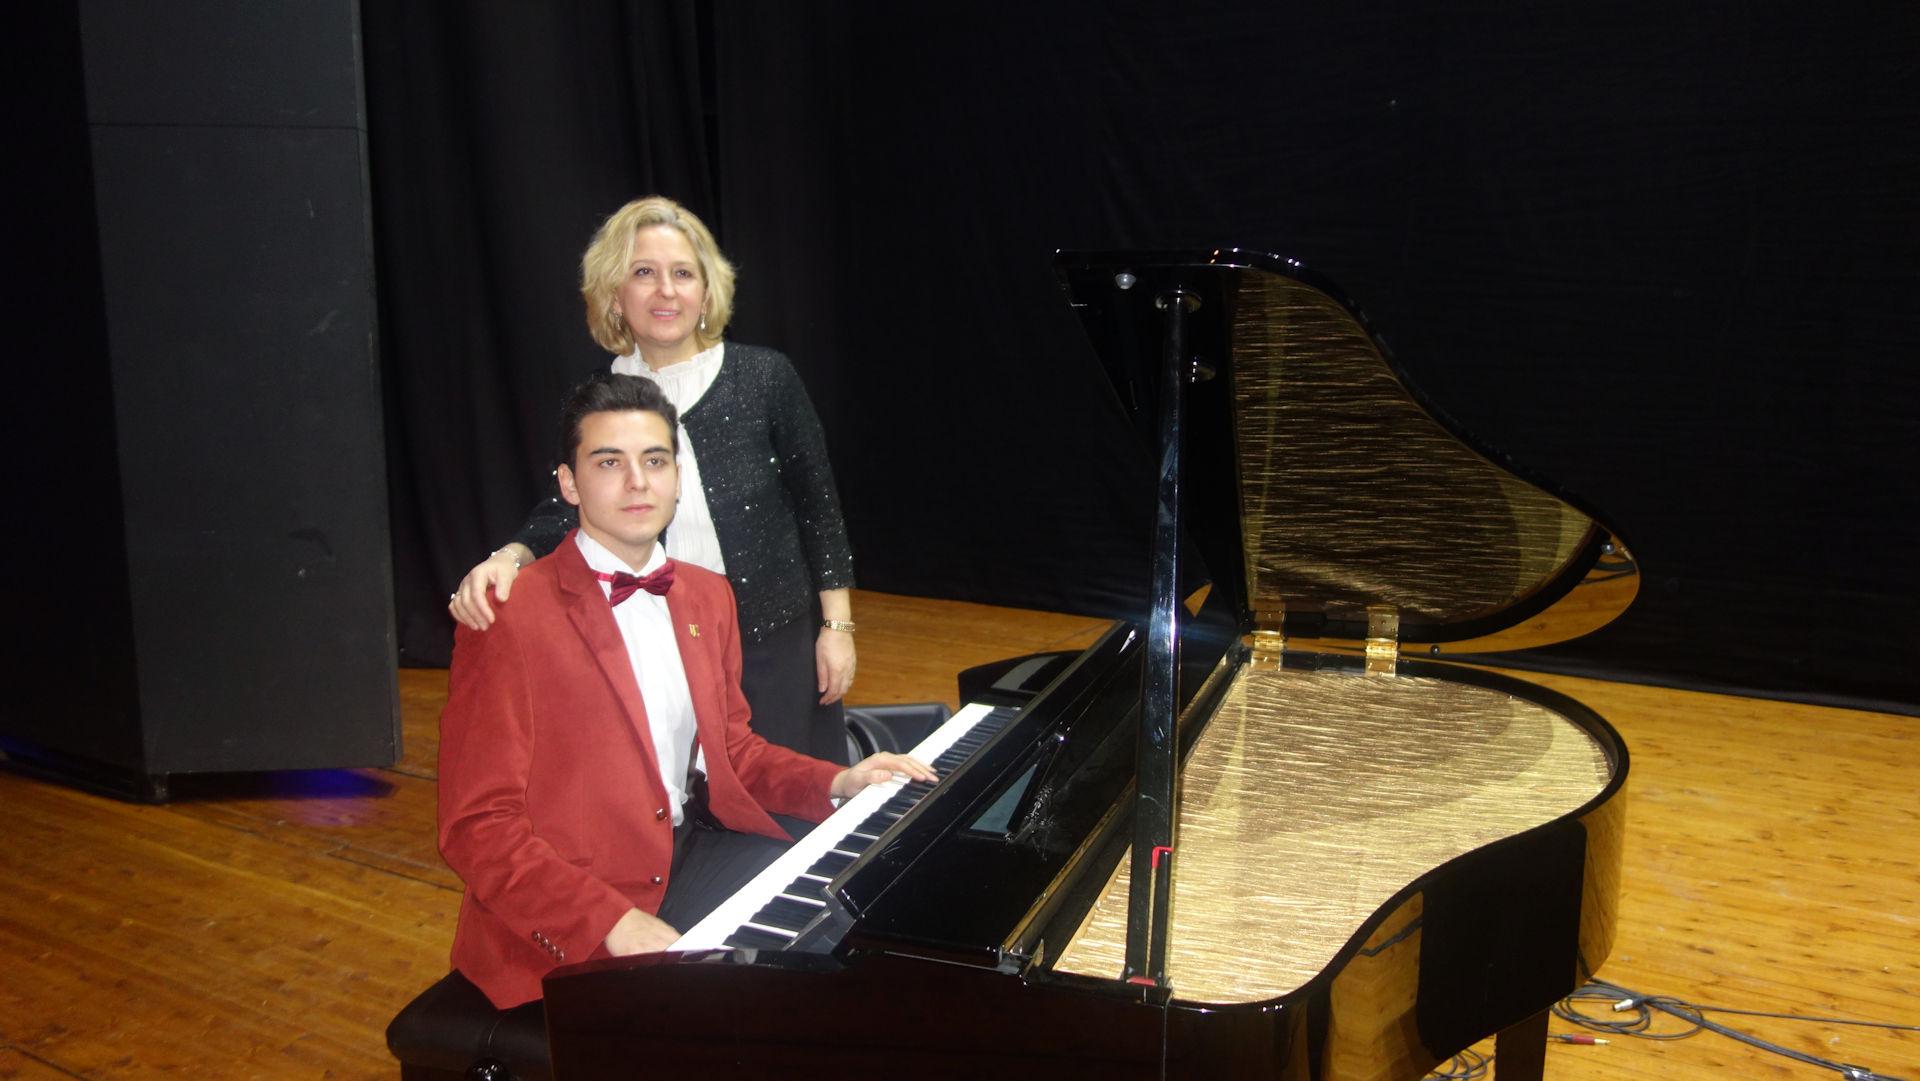 DSC05478 Genç Piyanist Güneş Yakartepe Piyano Konseri. PiyanoTürk Müzik Grubu. İBB Kartal Bülent Ecevit Kültür Merkezi. İstanbul Büyükşehir Belediyesi Kültürel Etkinlikleri